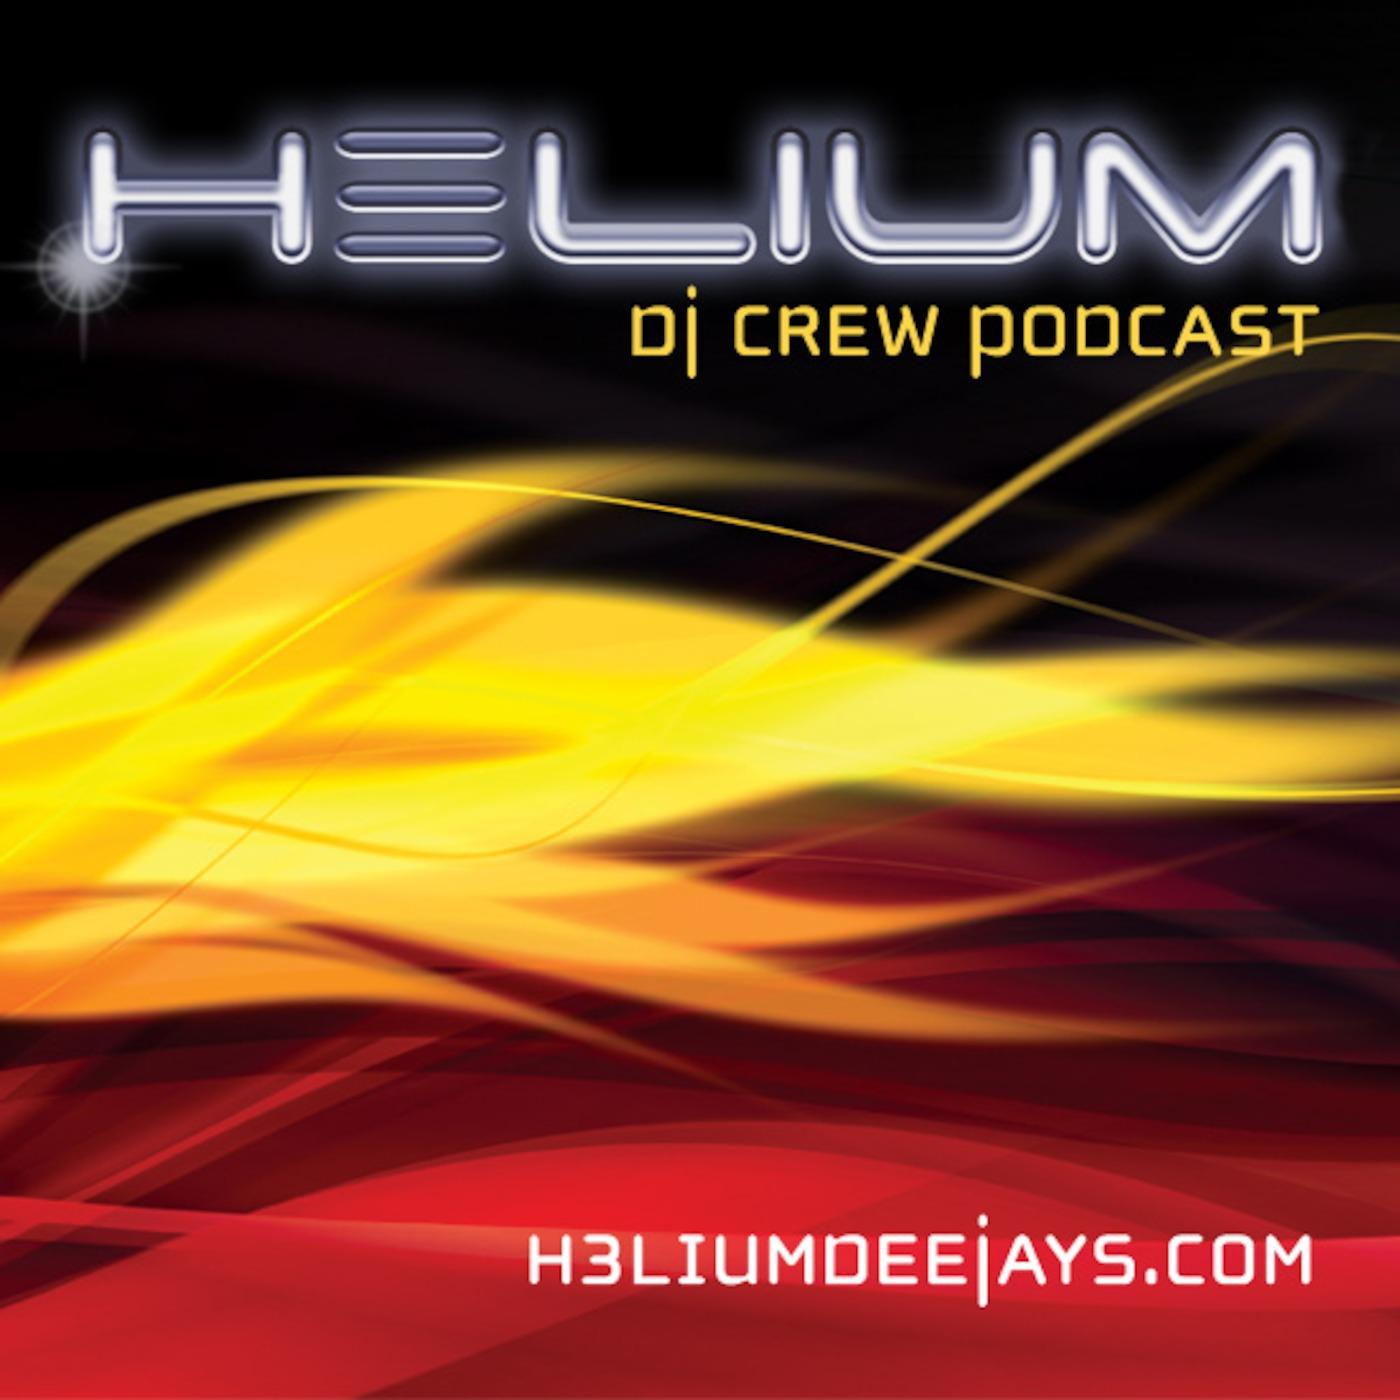 H3LIUM Crew Podcast